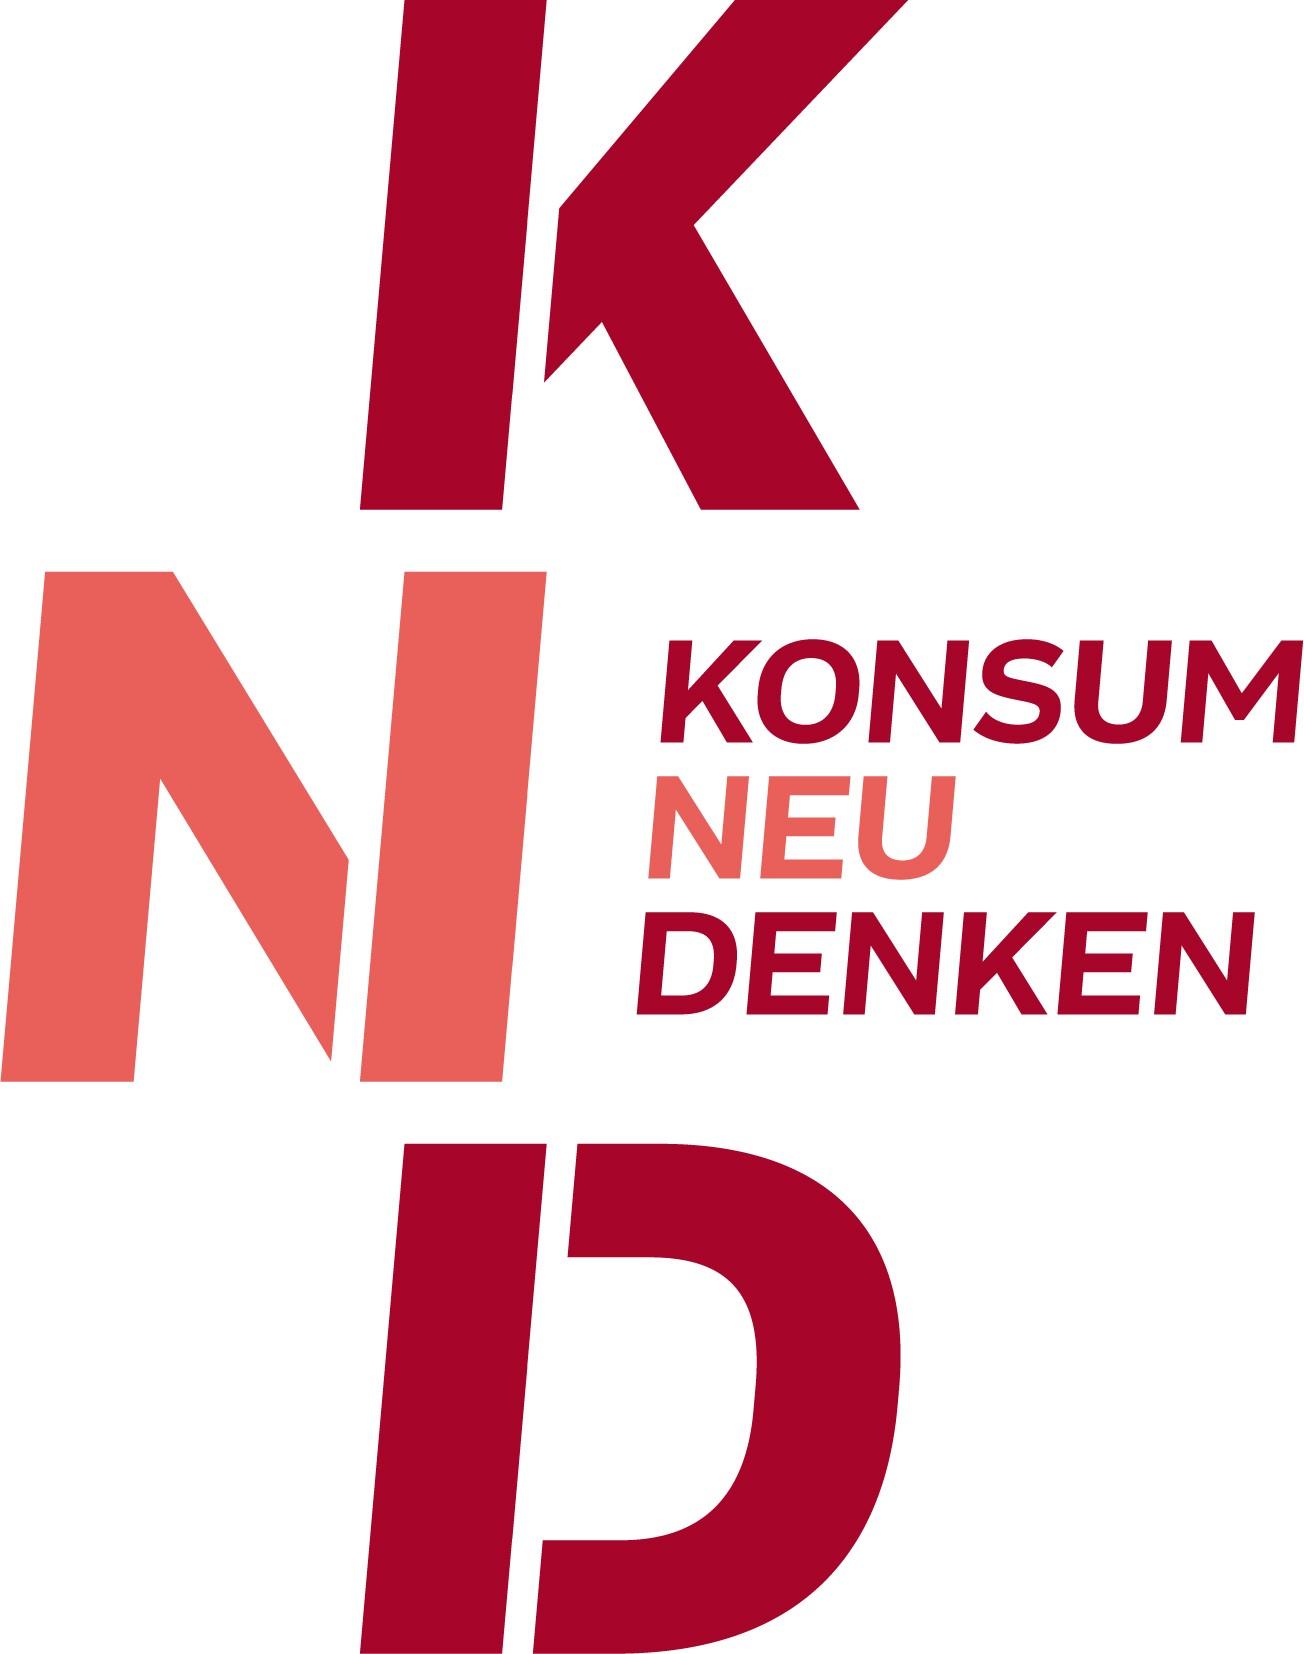 Netzwerk Konsum Neu Denken